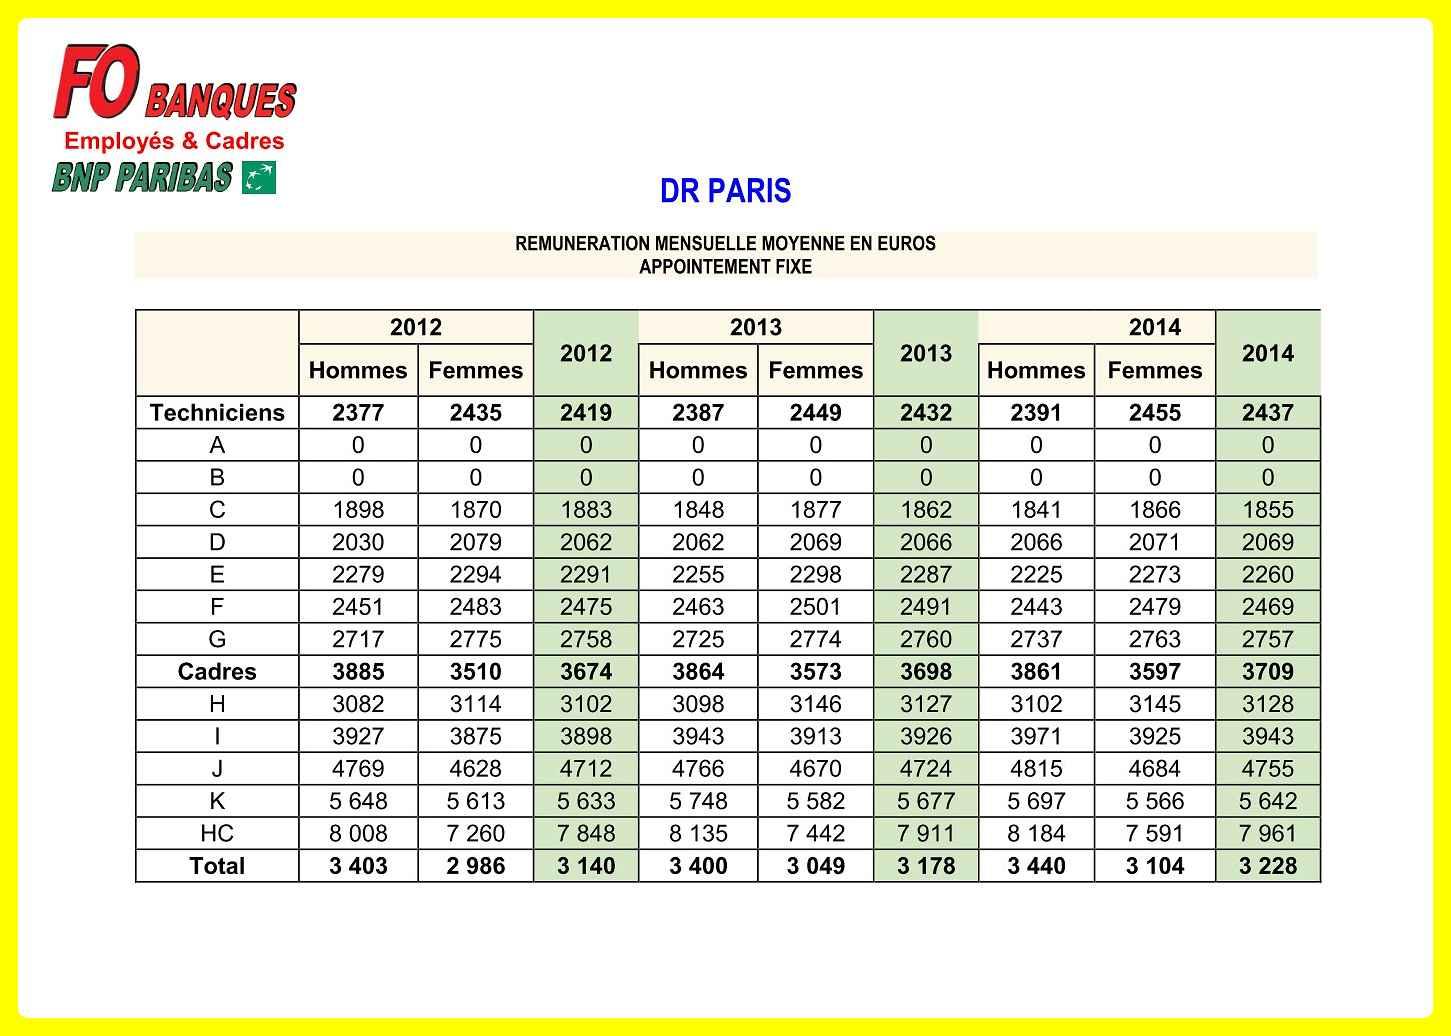 Grilles de salaires bnp parisbas - Grille de salaire dessinateur projeteur ...